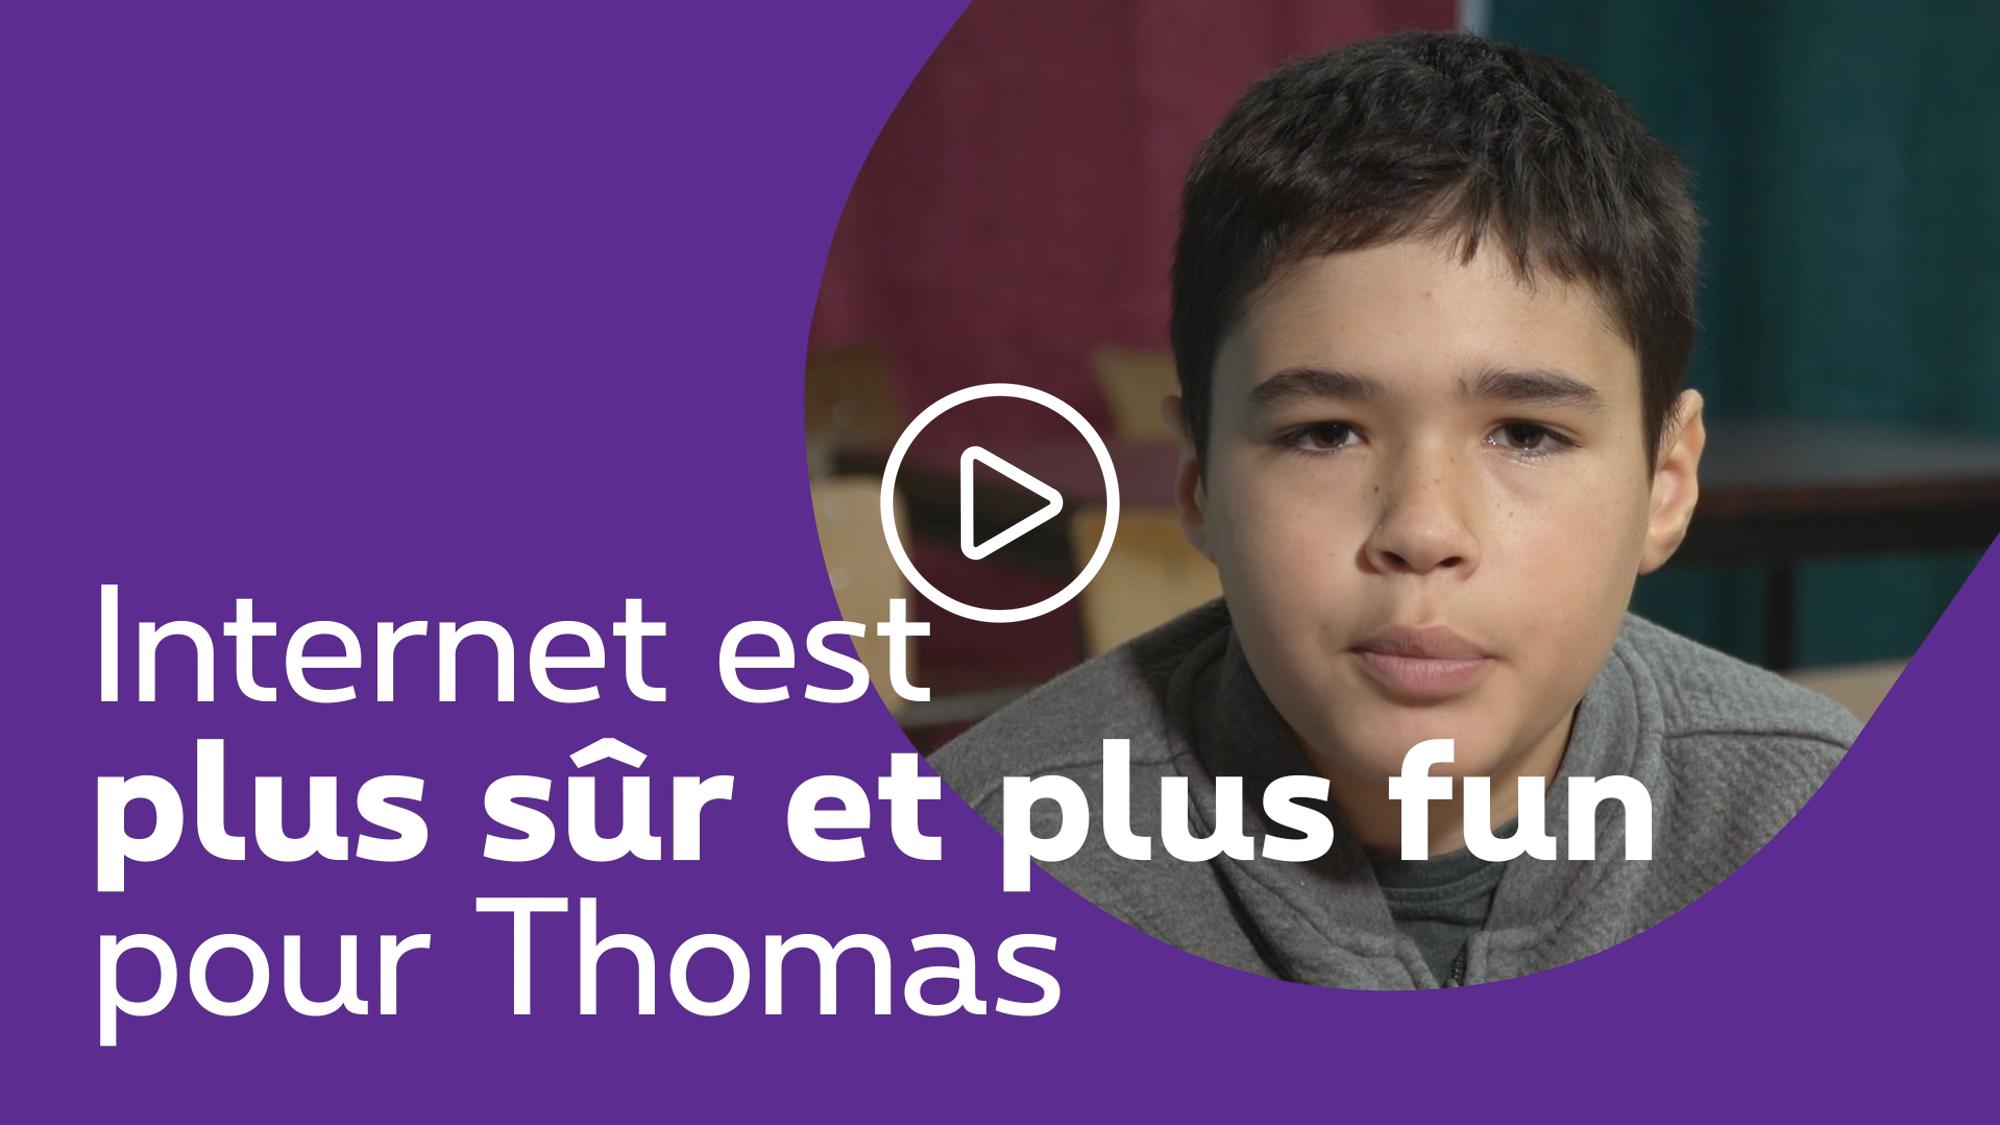 Internet est maintenant plus sûr et plus fun pour Thomas - clique pour découvrir la video